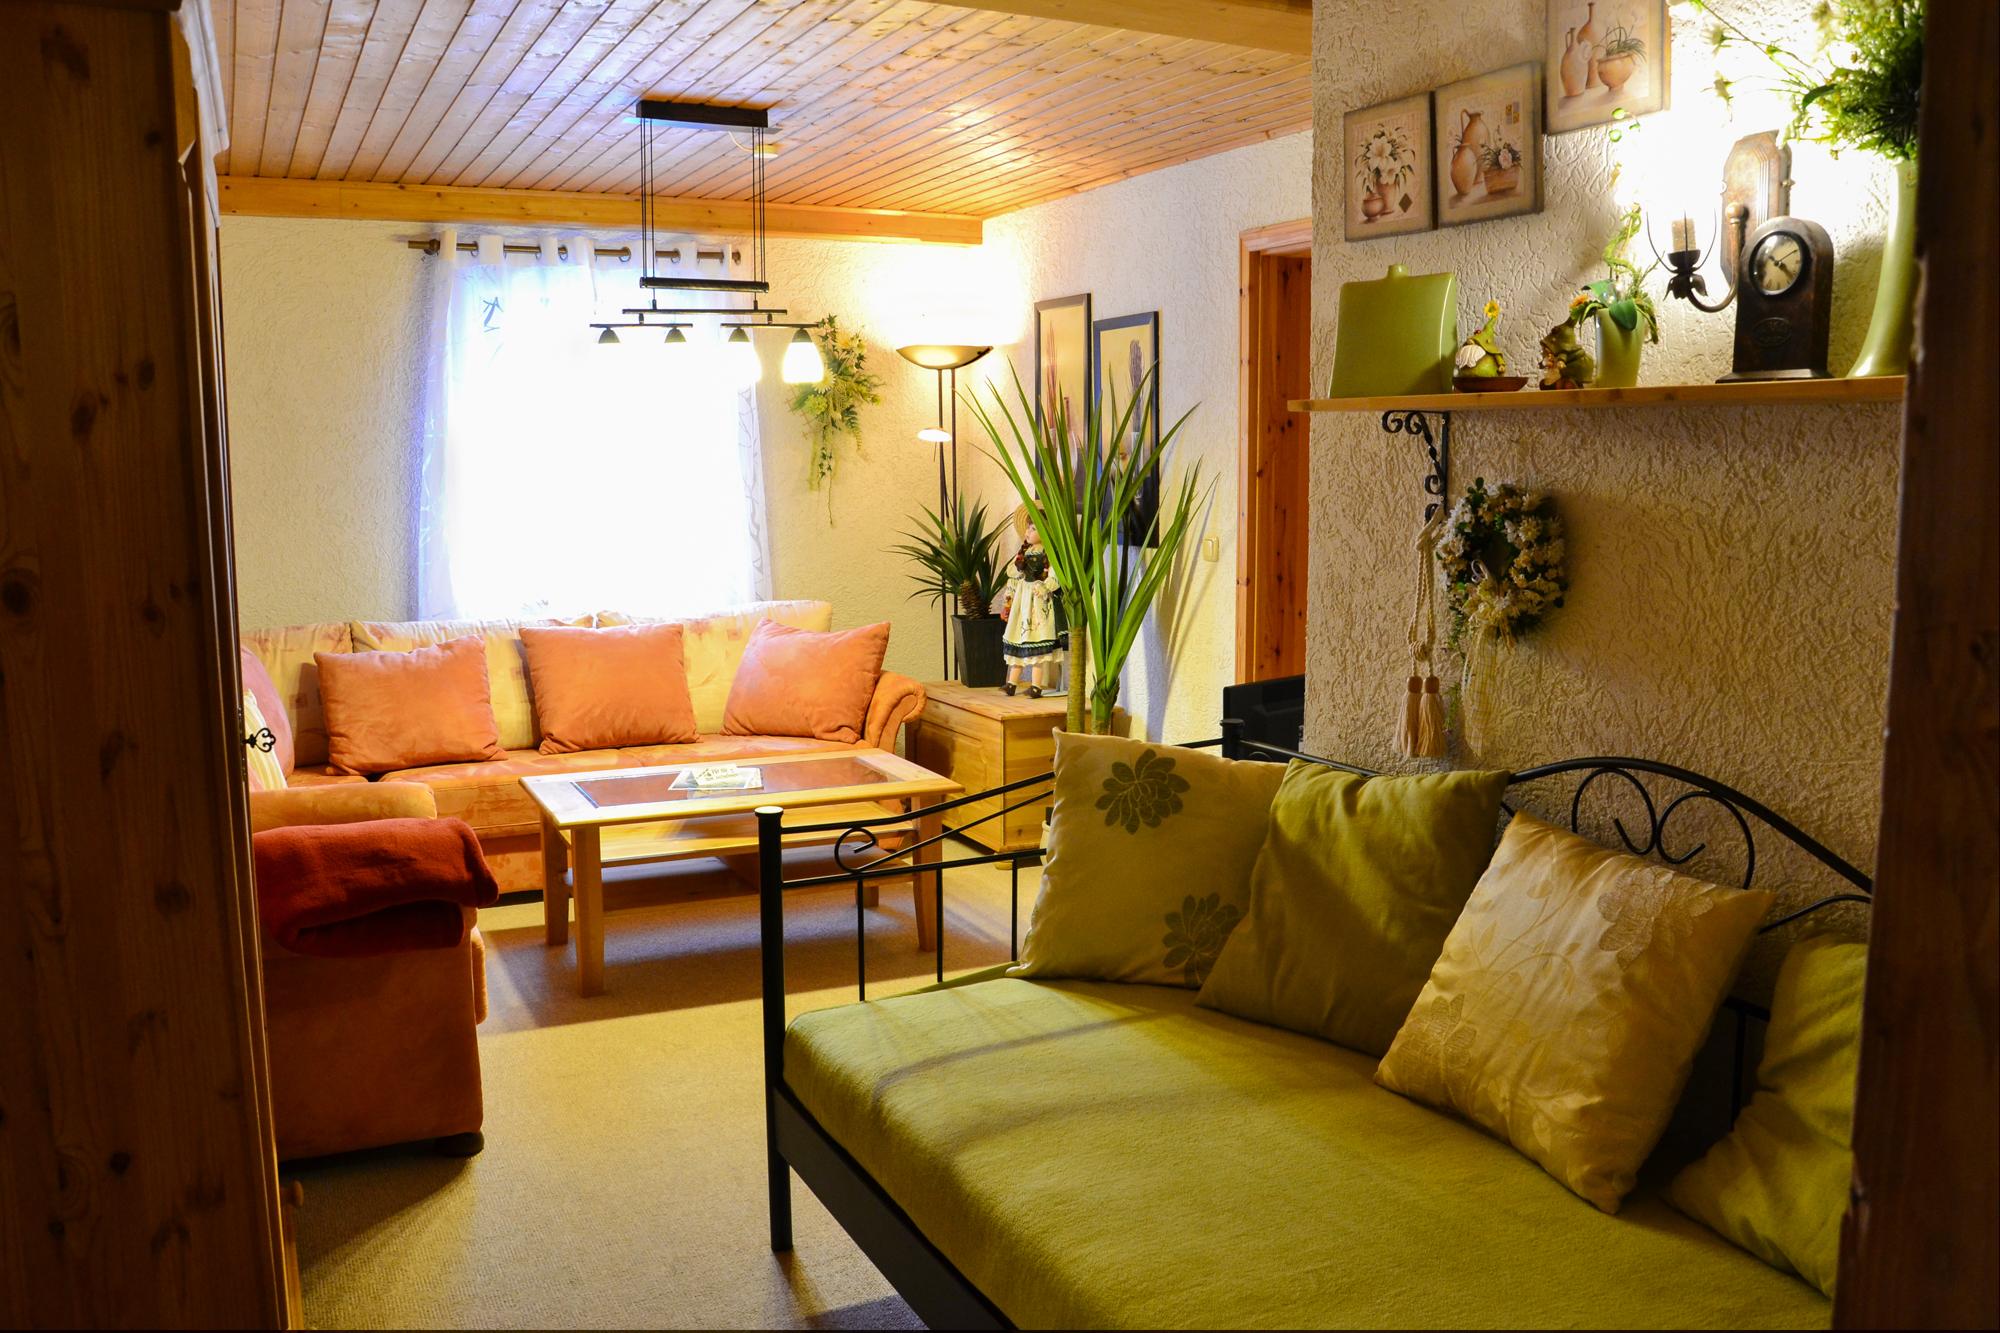 Aufenthaltsraum | Wohnzimmer